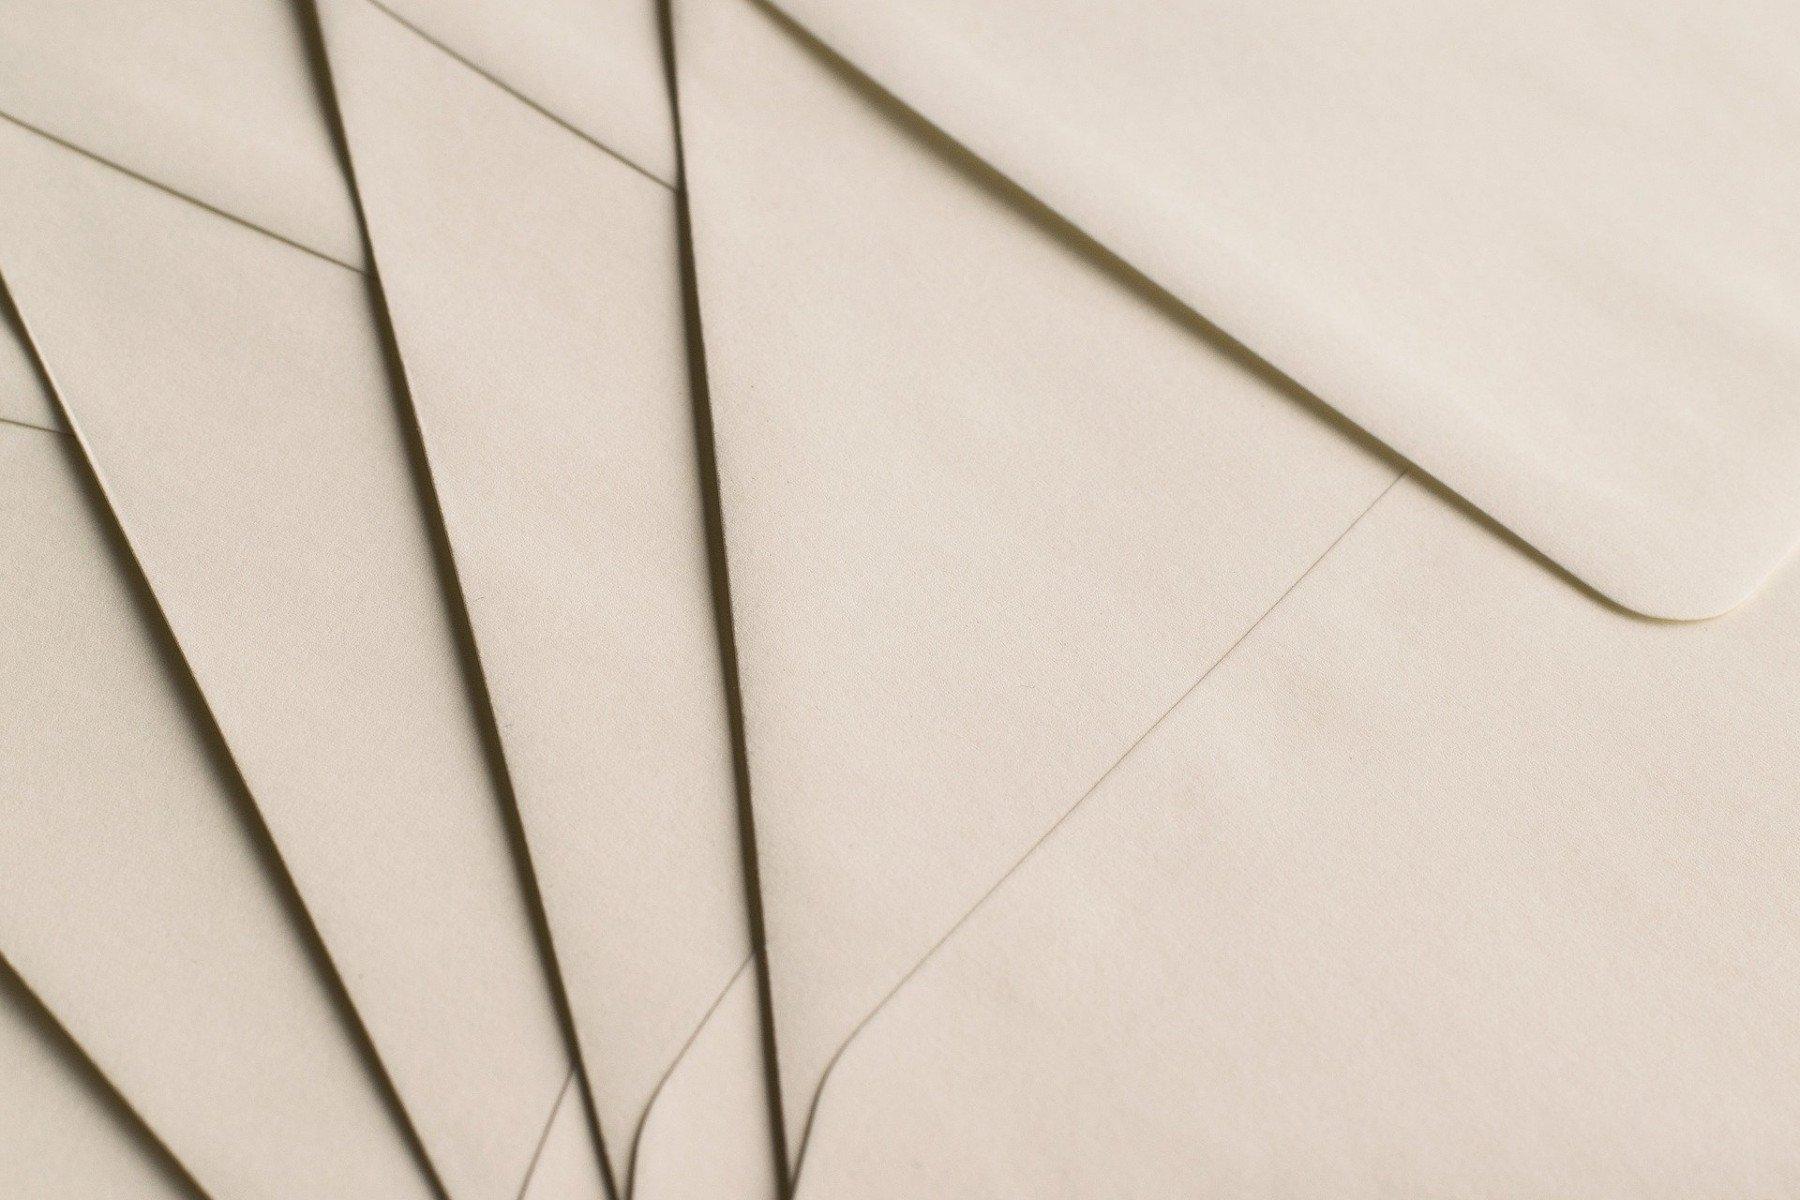 kuvert / brev